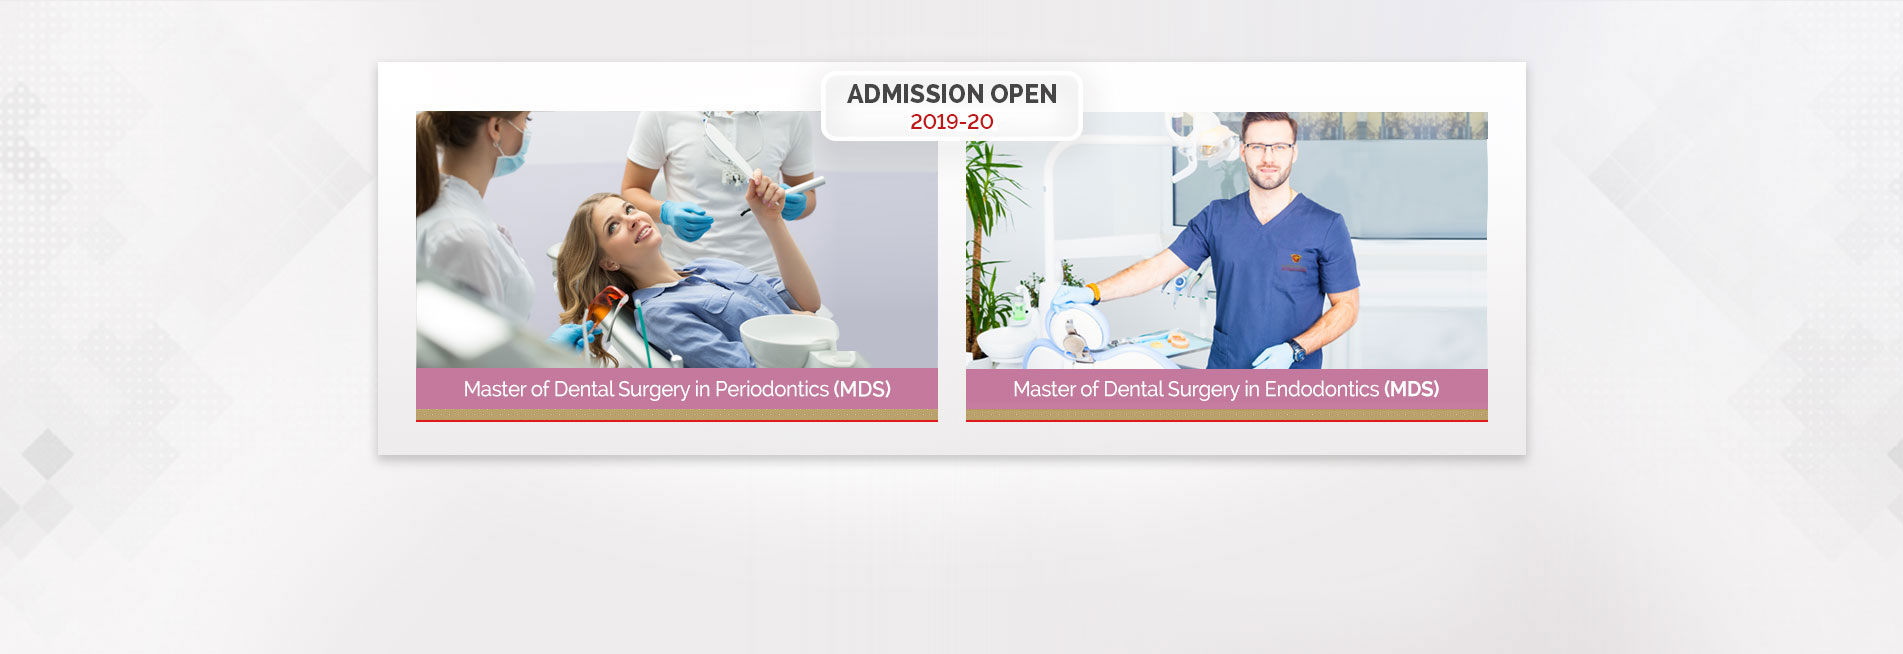 Master of Dental Surgery in Periodontics & Endodontics (MDS)